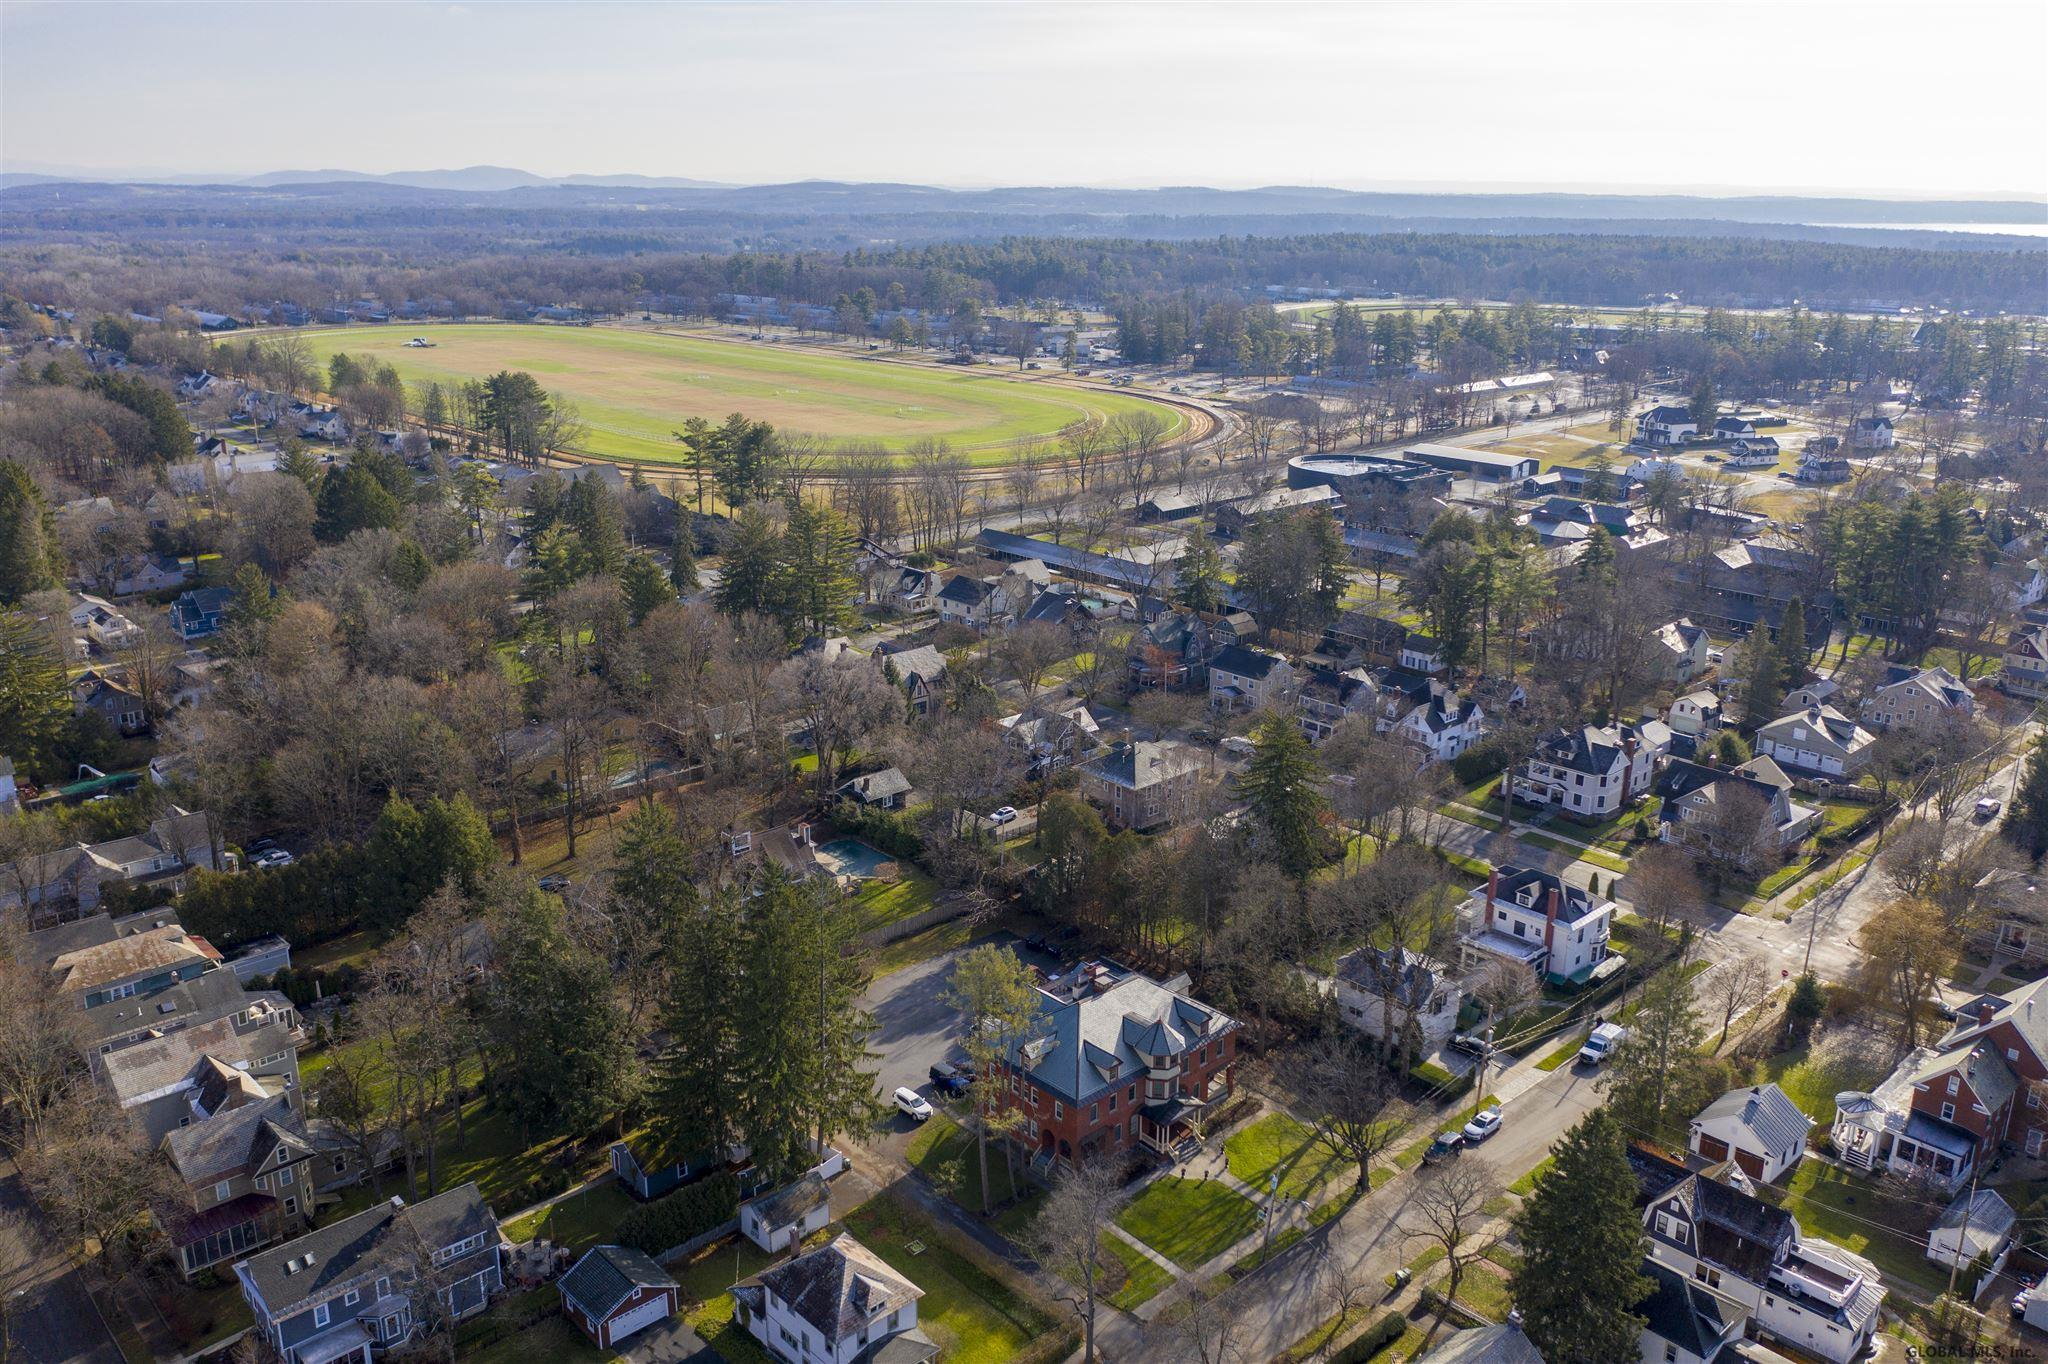 Saratoga S image 32